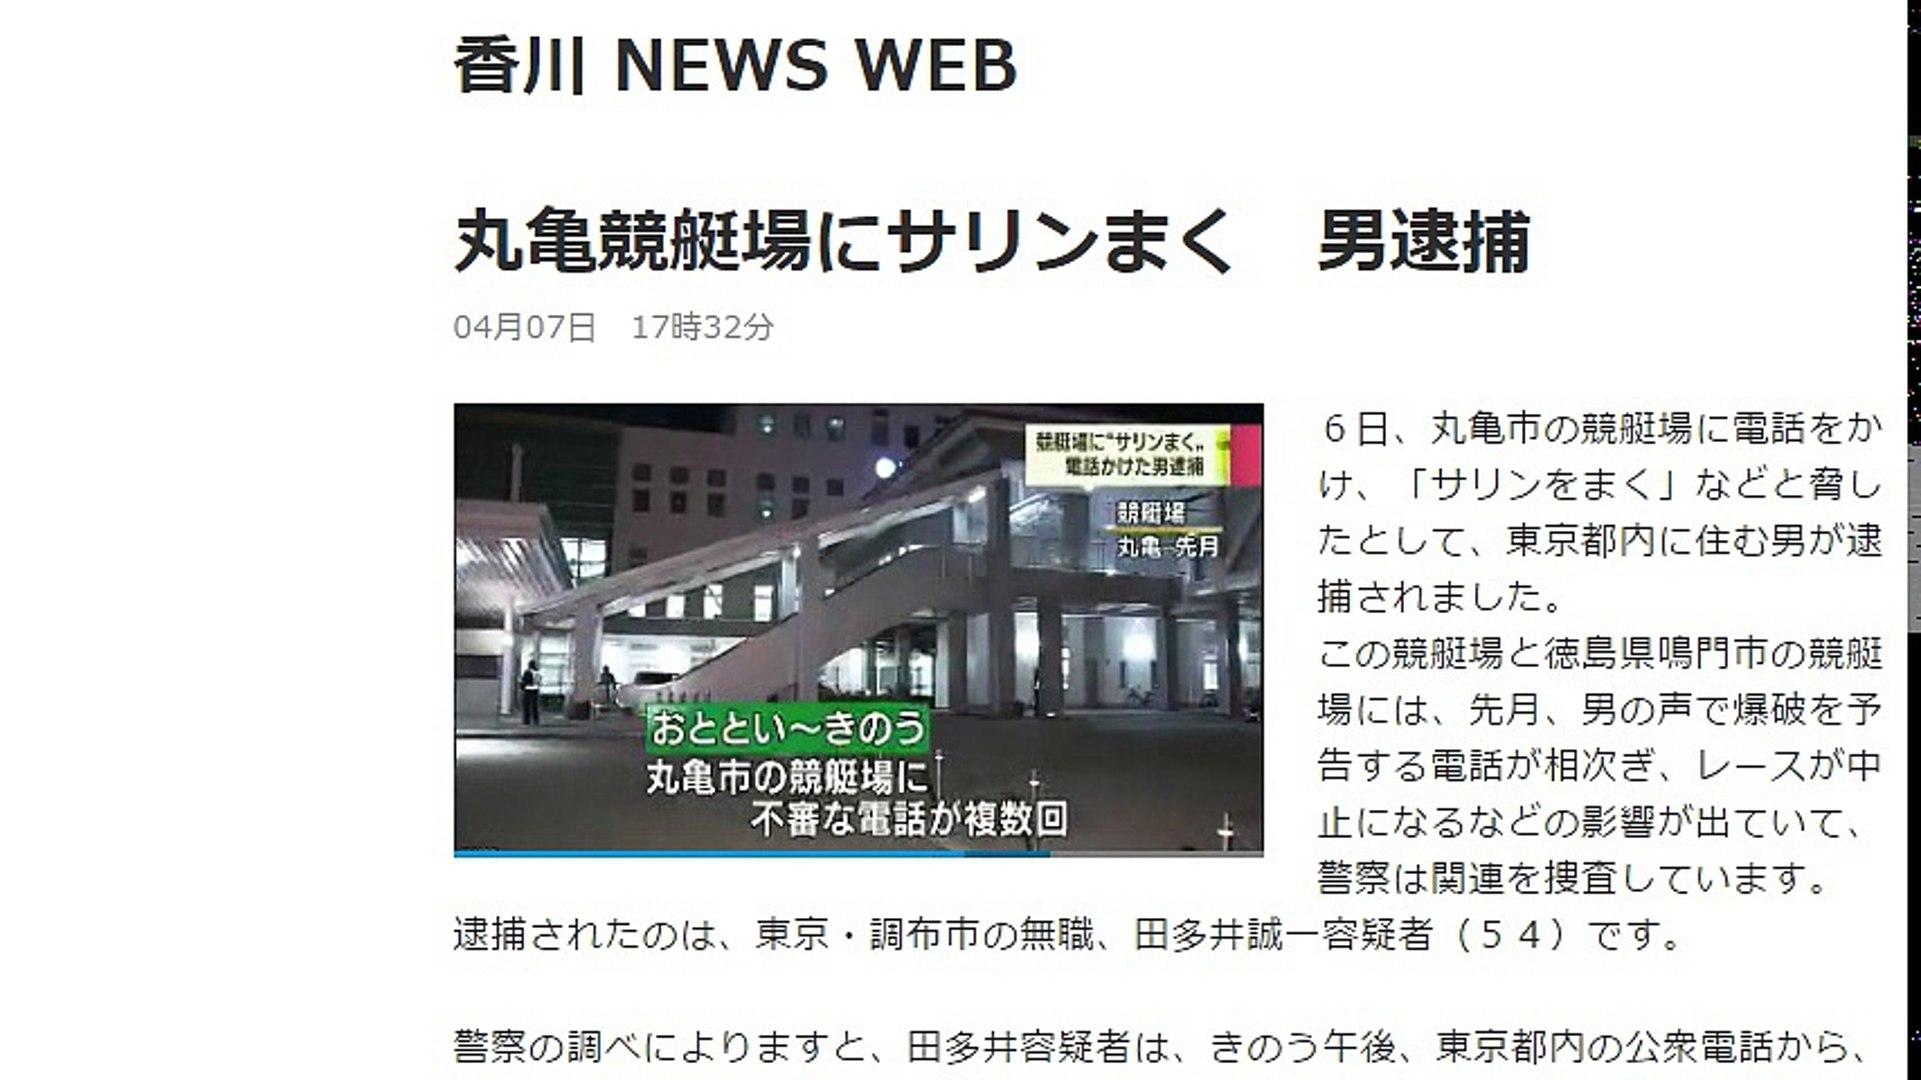 丸亀競艇場にサリンまく 男逮捕 2017年04月07日 - 動画 Dailymotion